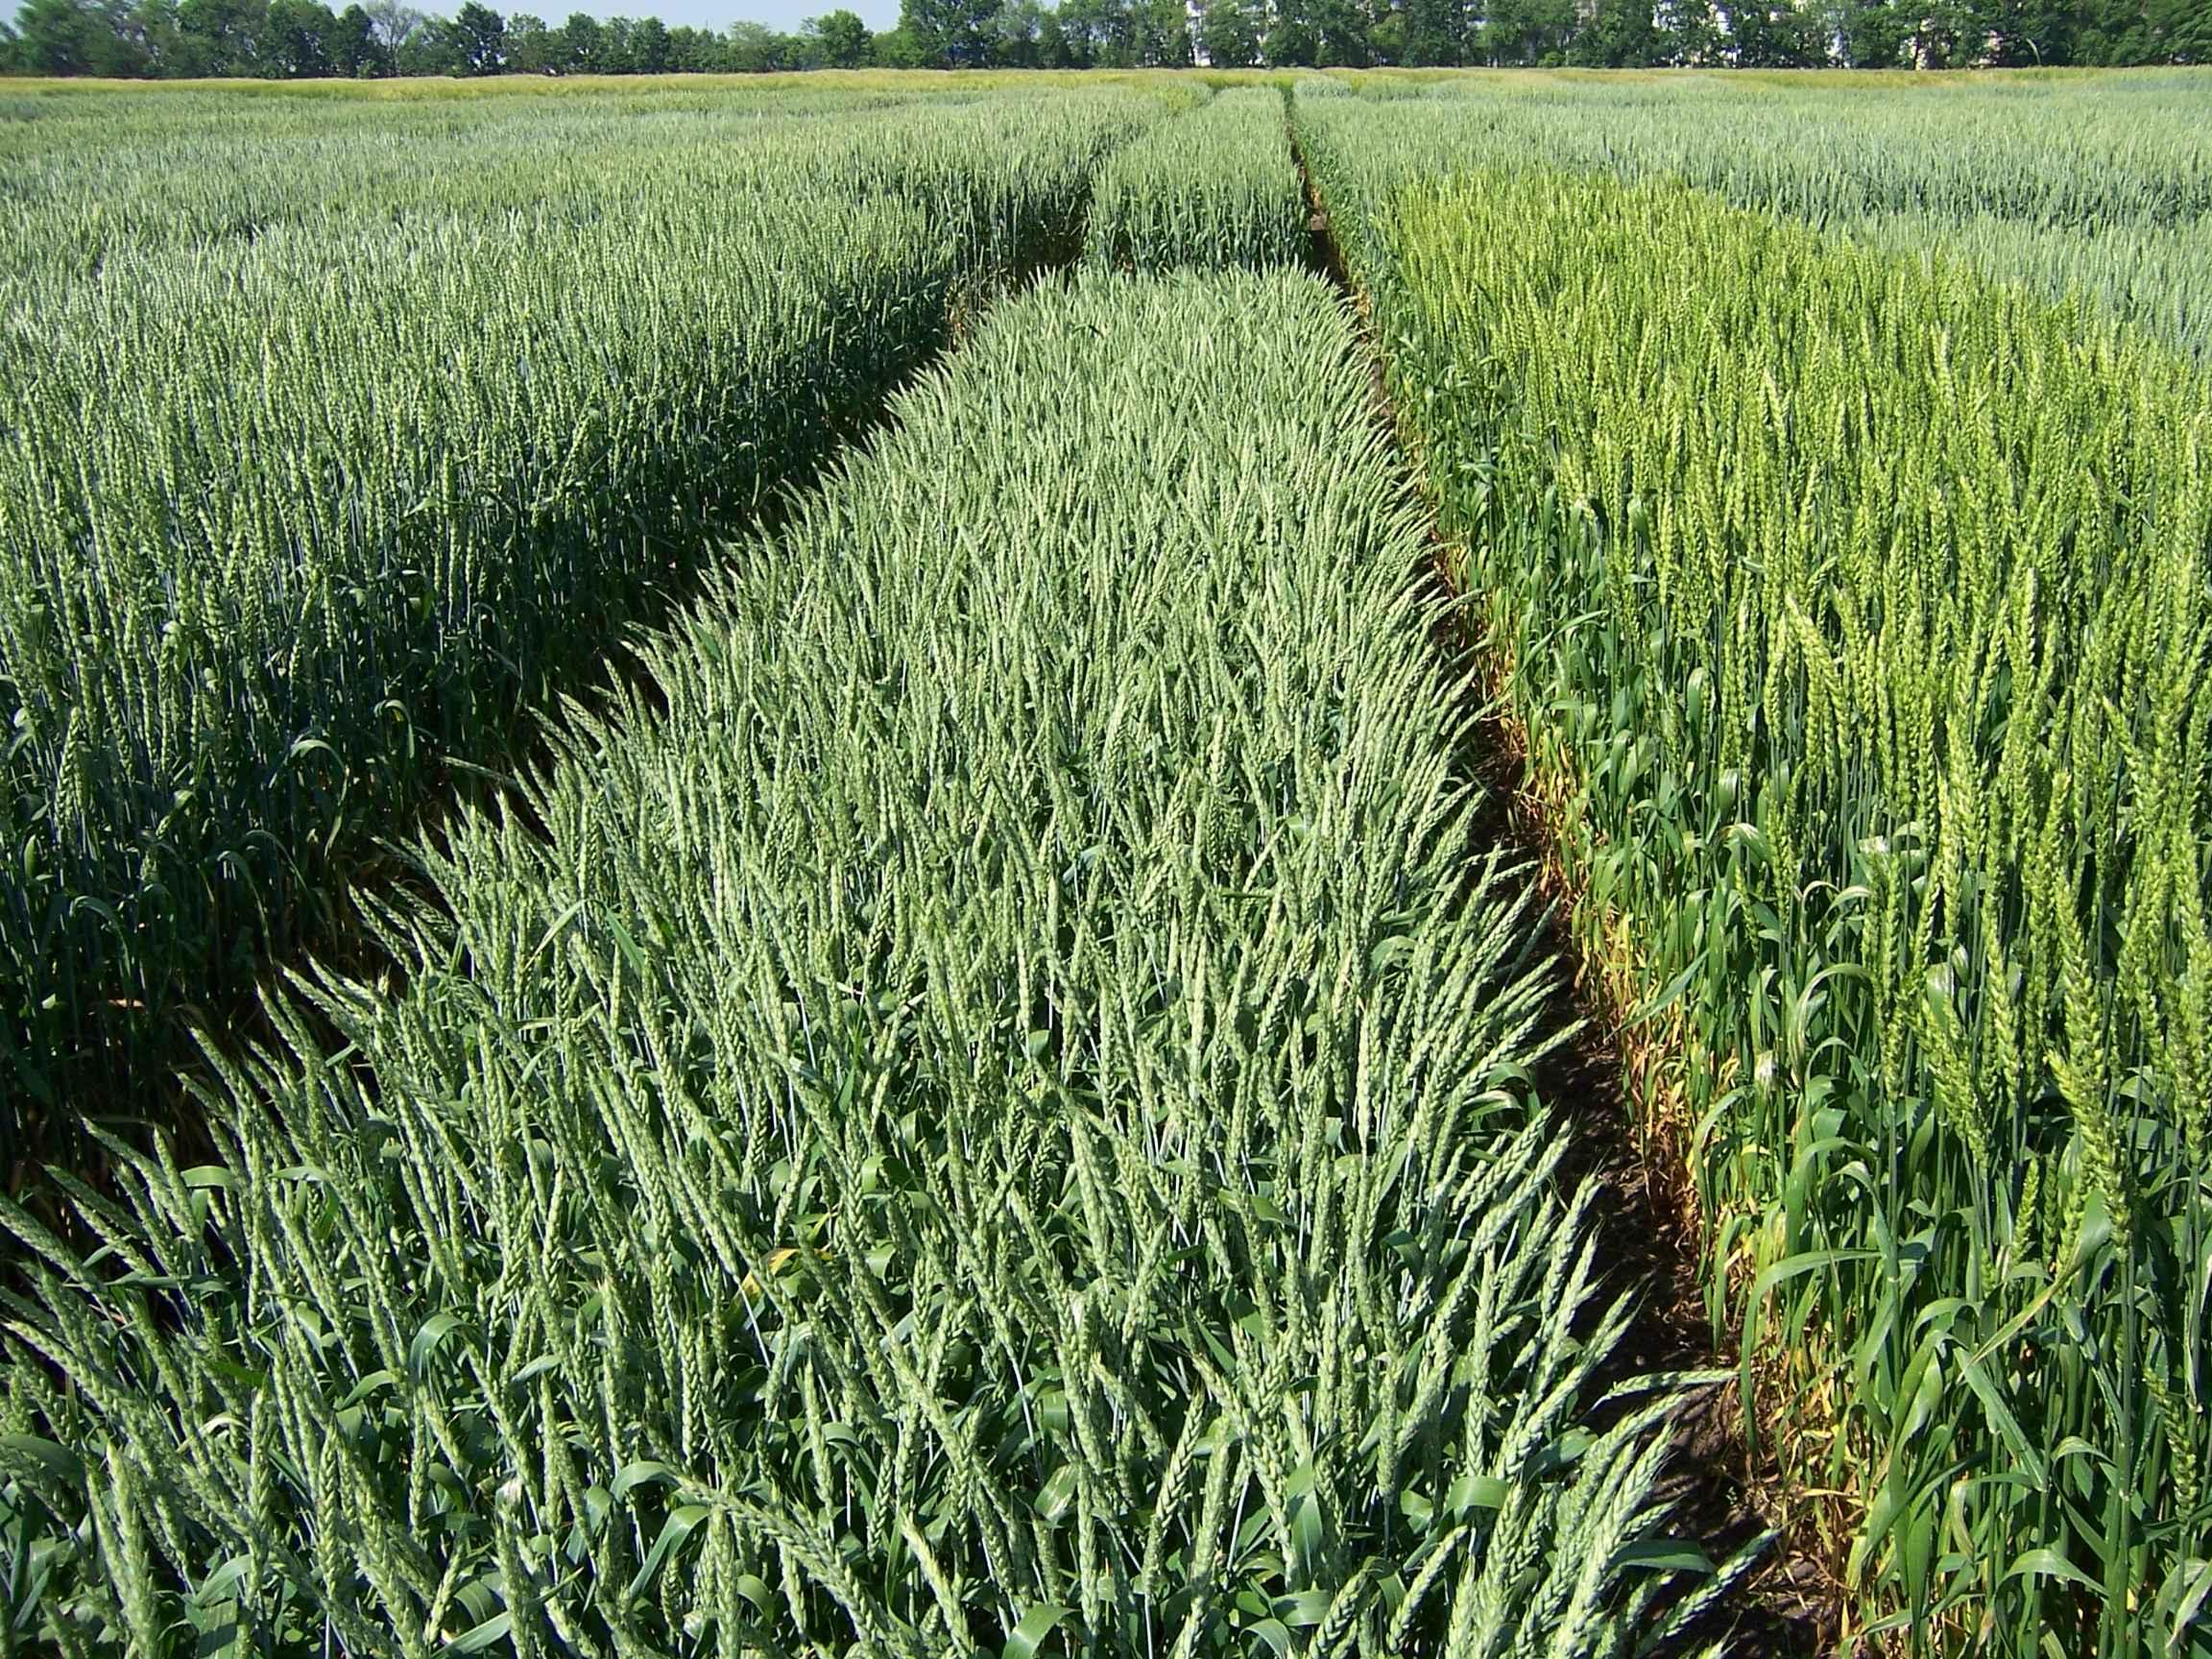 потом озимая пшеница фото весной всходы пожелтели подобранный интерьеру